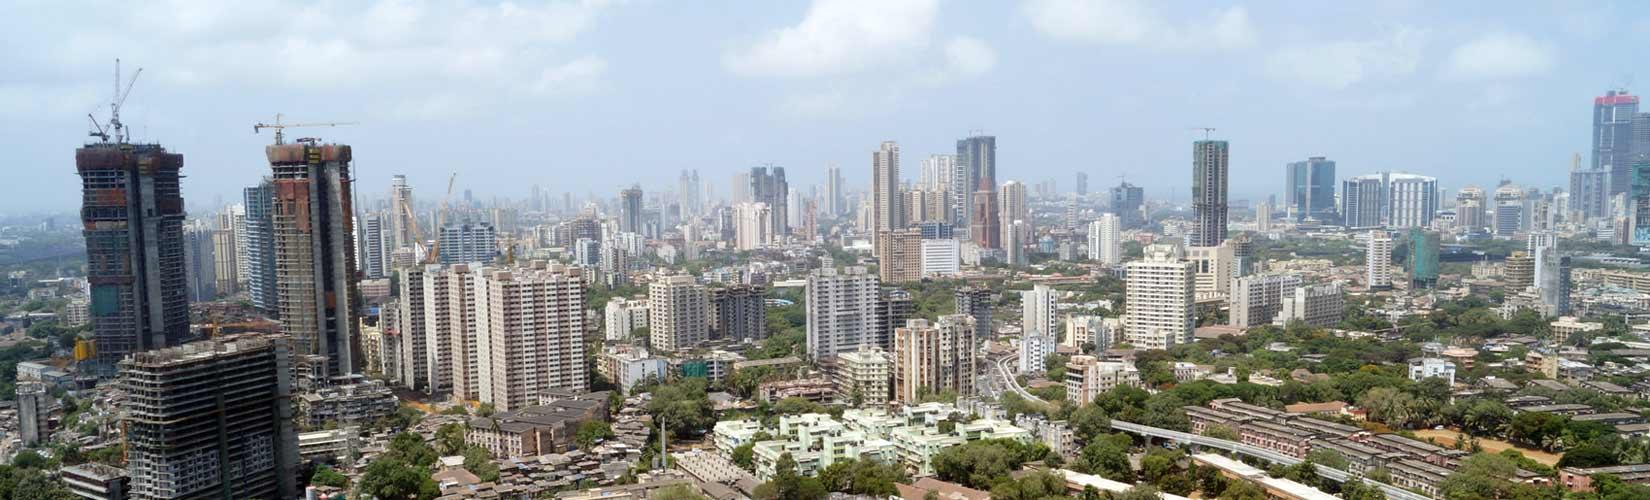 Petite visite de Mumbai, Inde